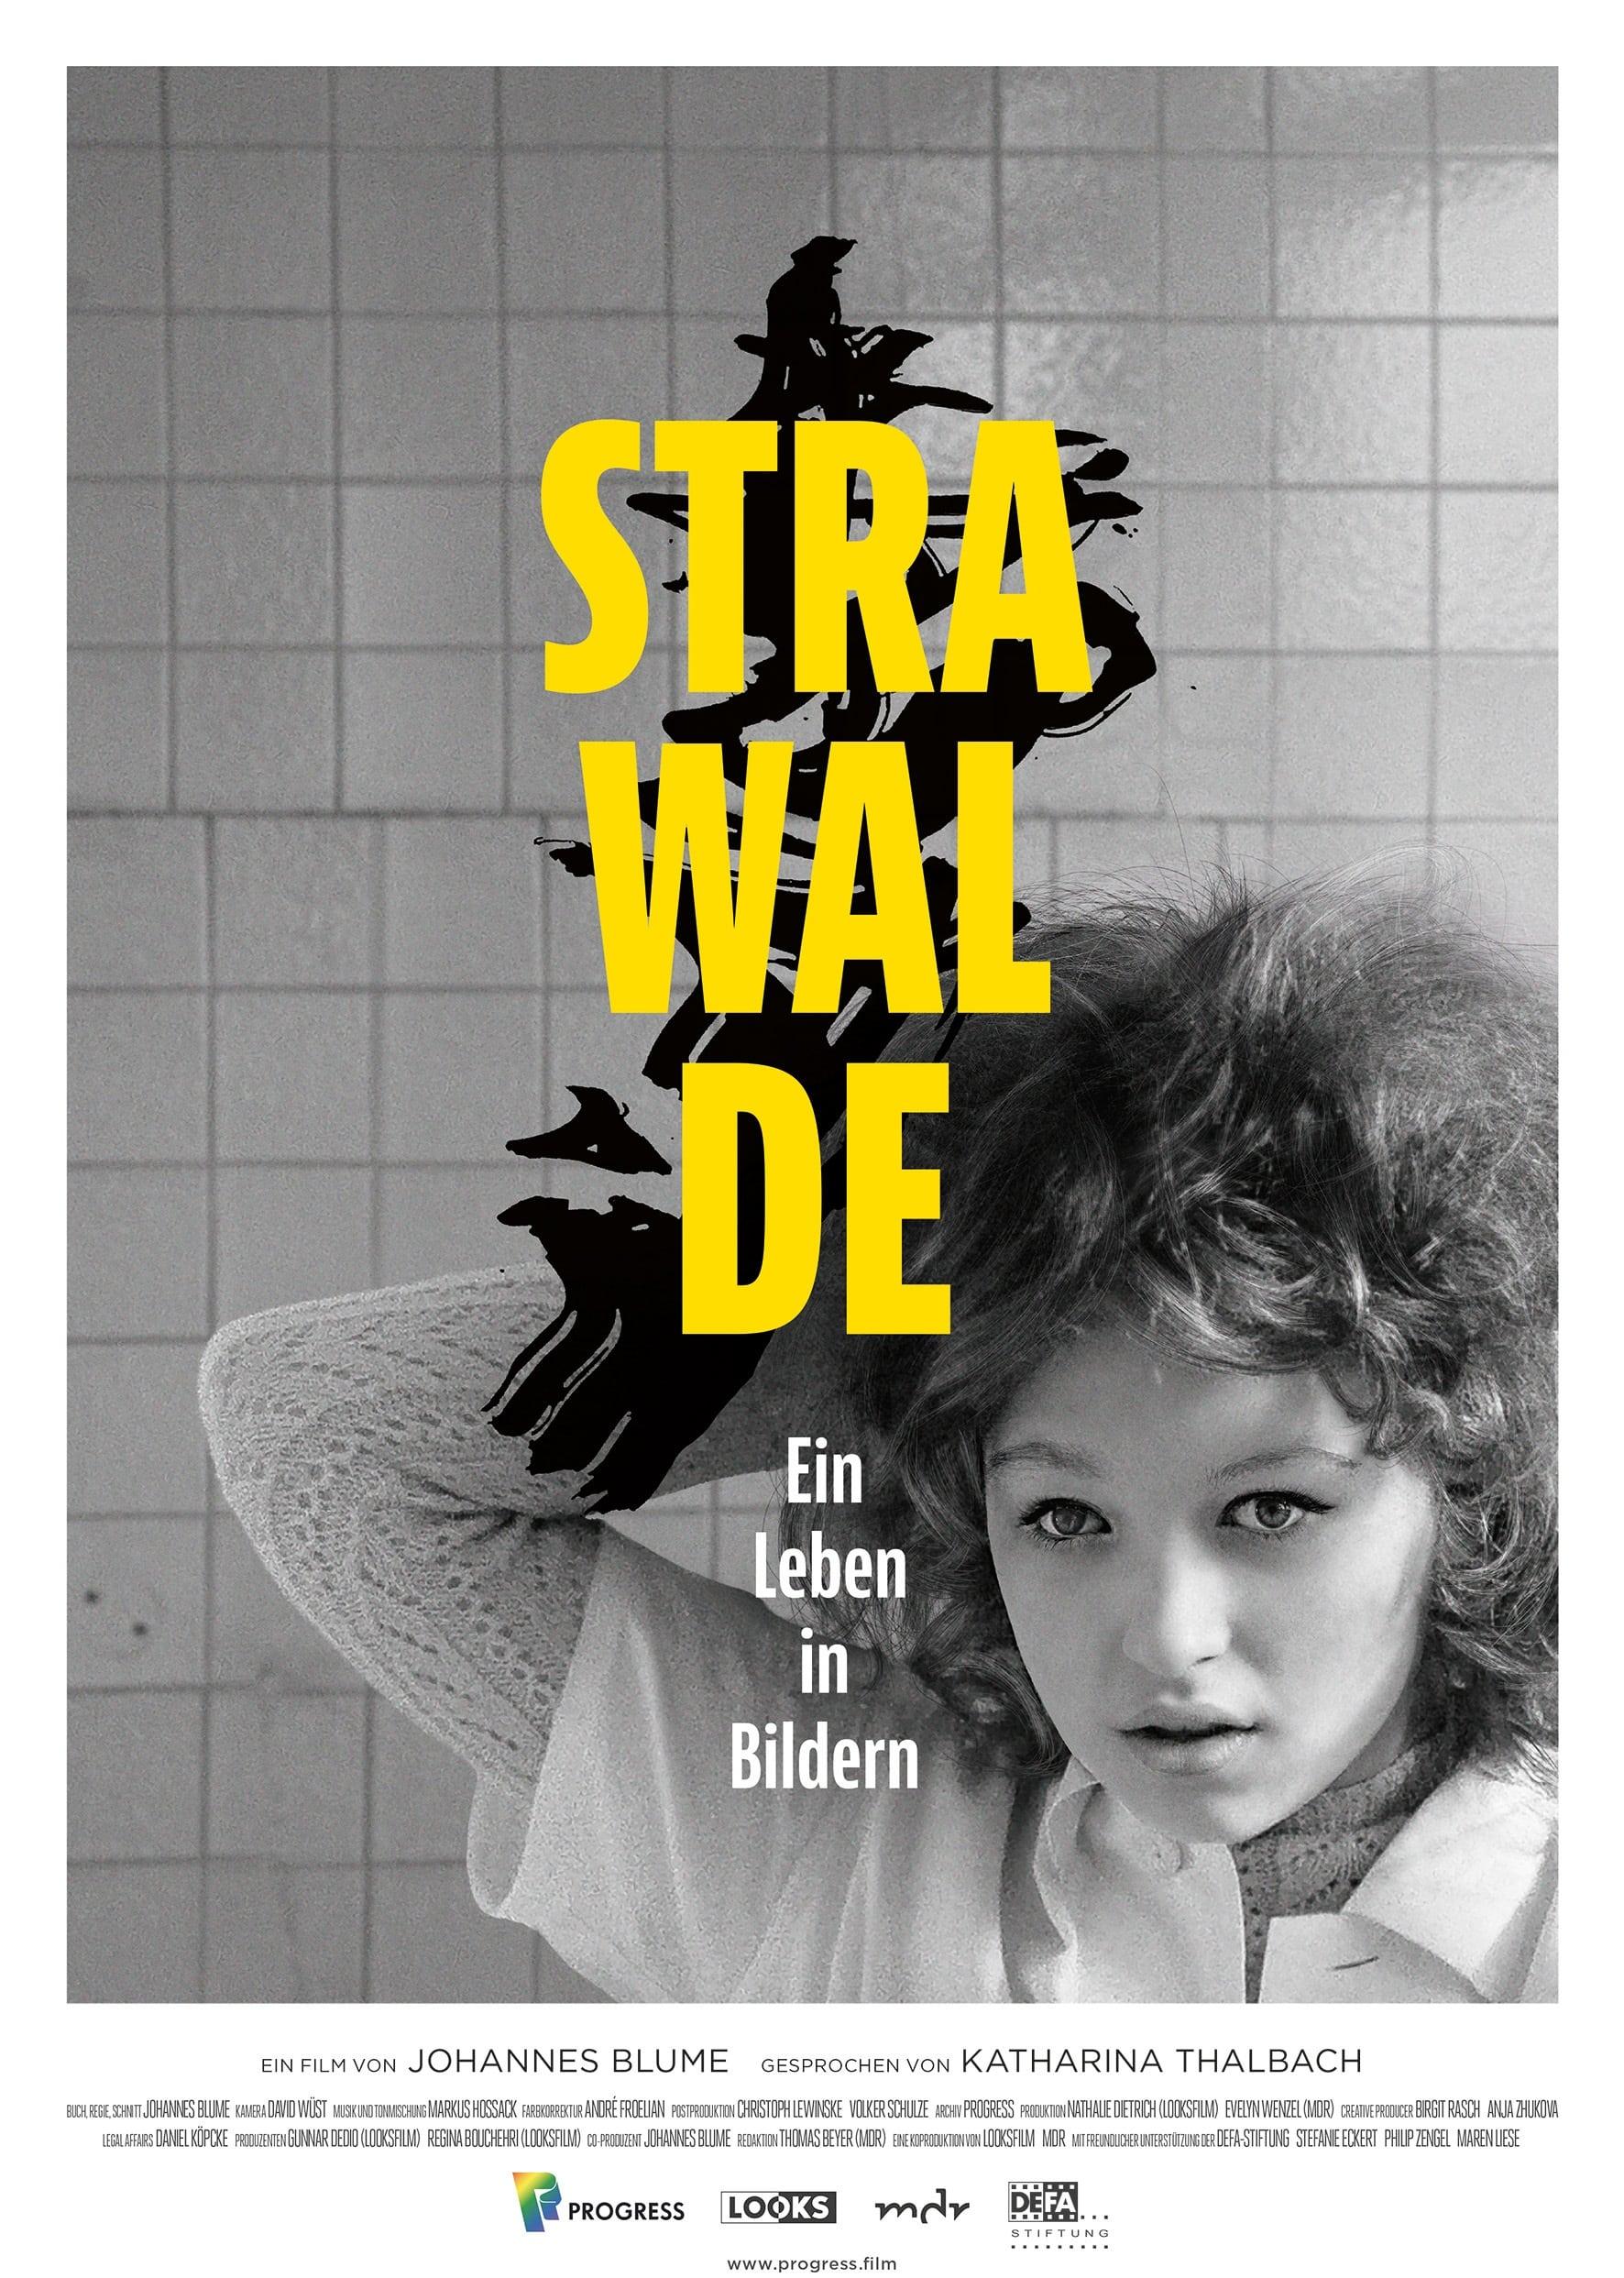 Strawalde - Ein Leben in Bildern